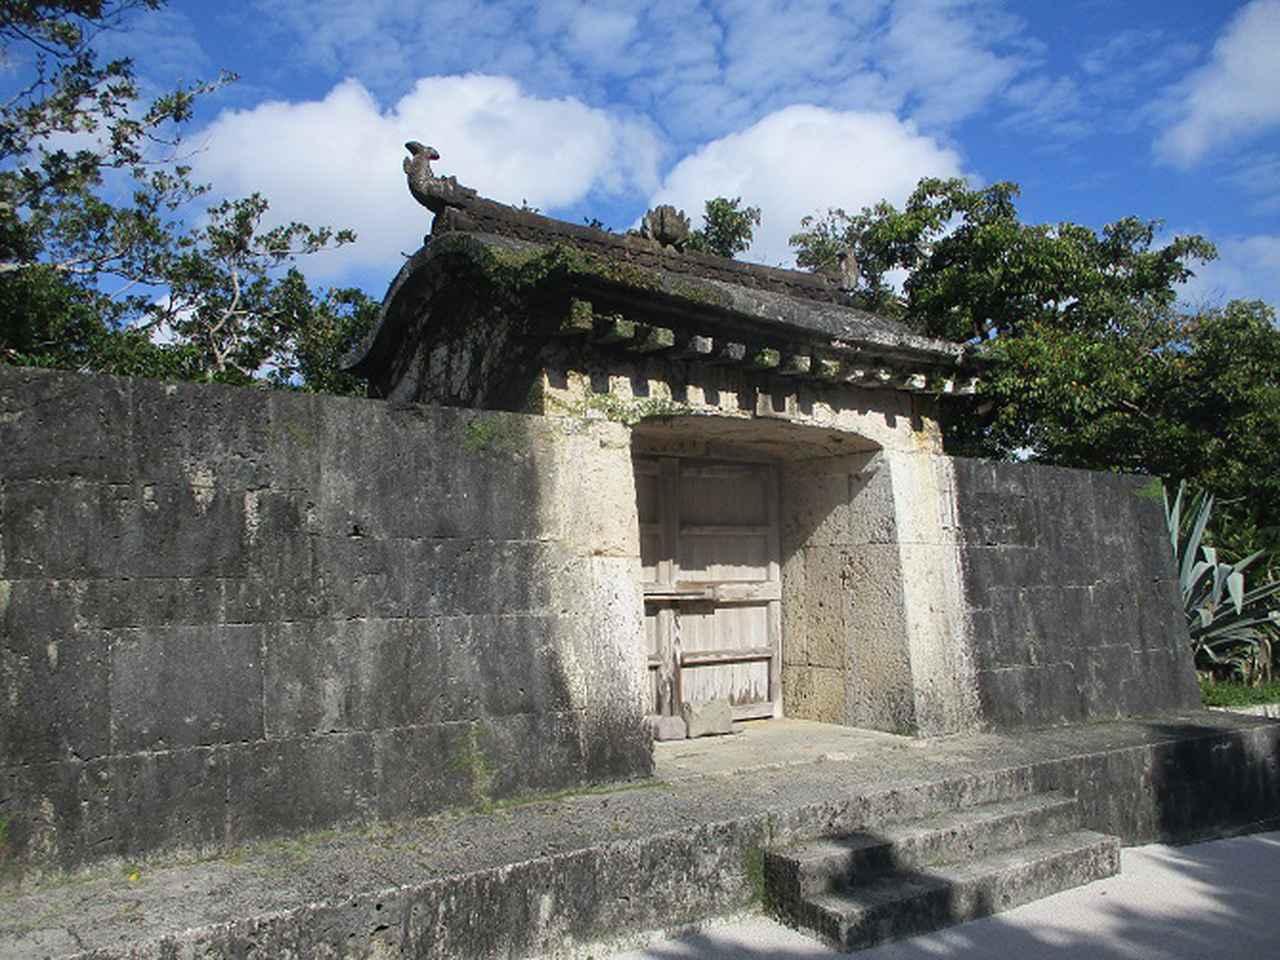 画像2: 1月の山旅会 「沖縄グスク巡り・伊江島城山・名護岳」 ツアーの下見に行ってきました!